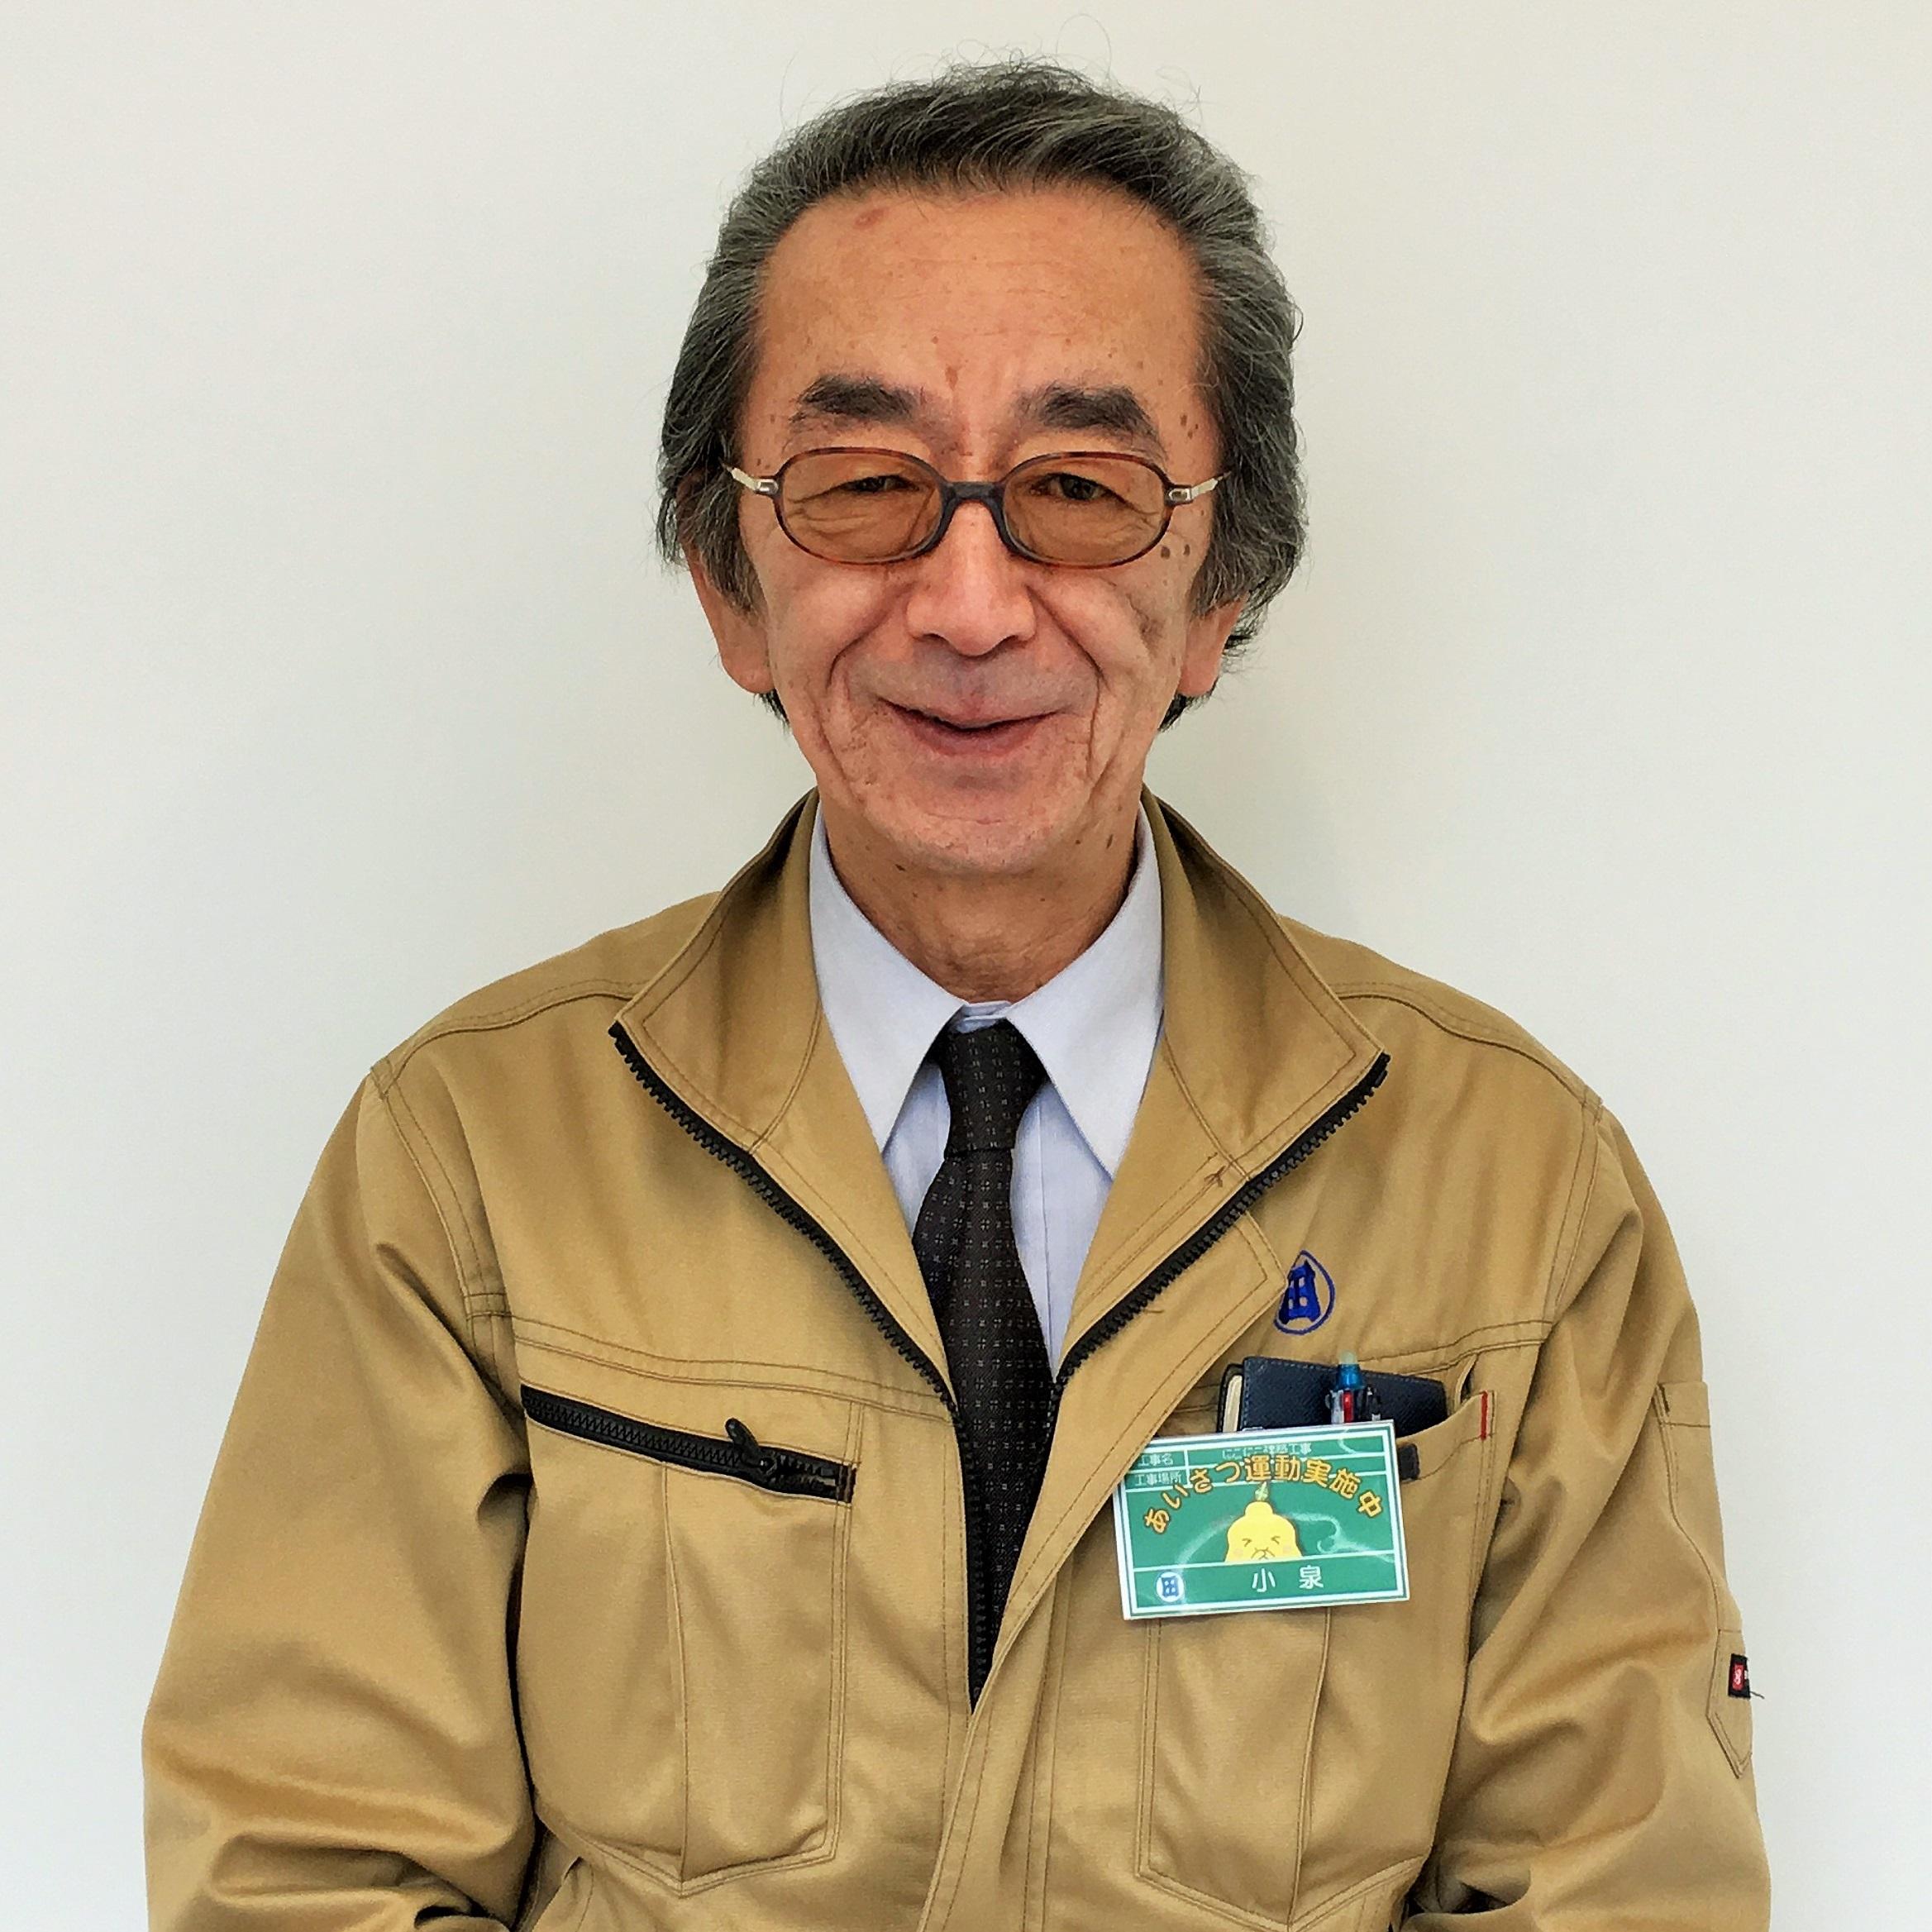 コイズミ アキラ